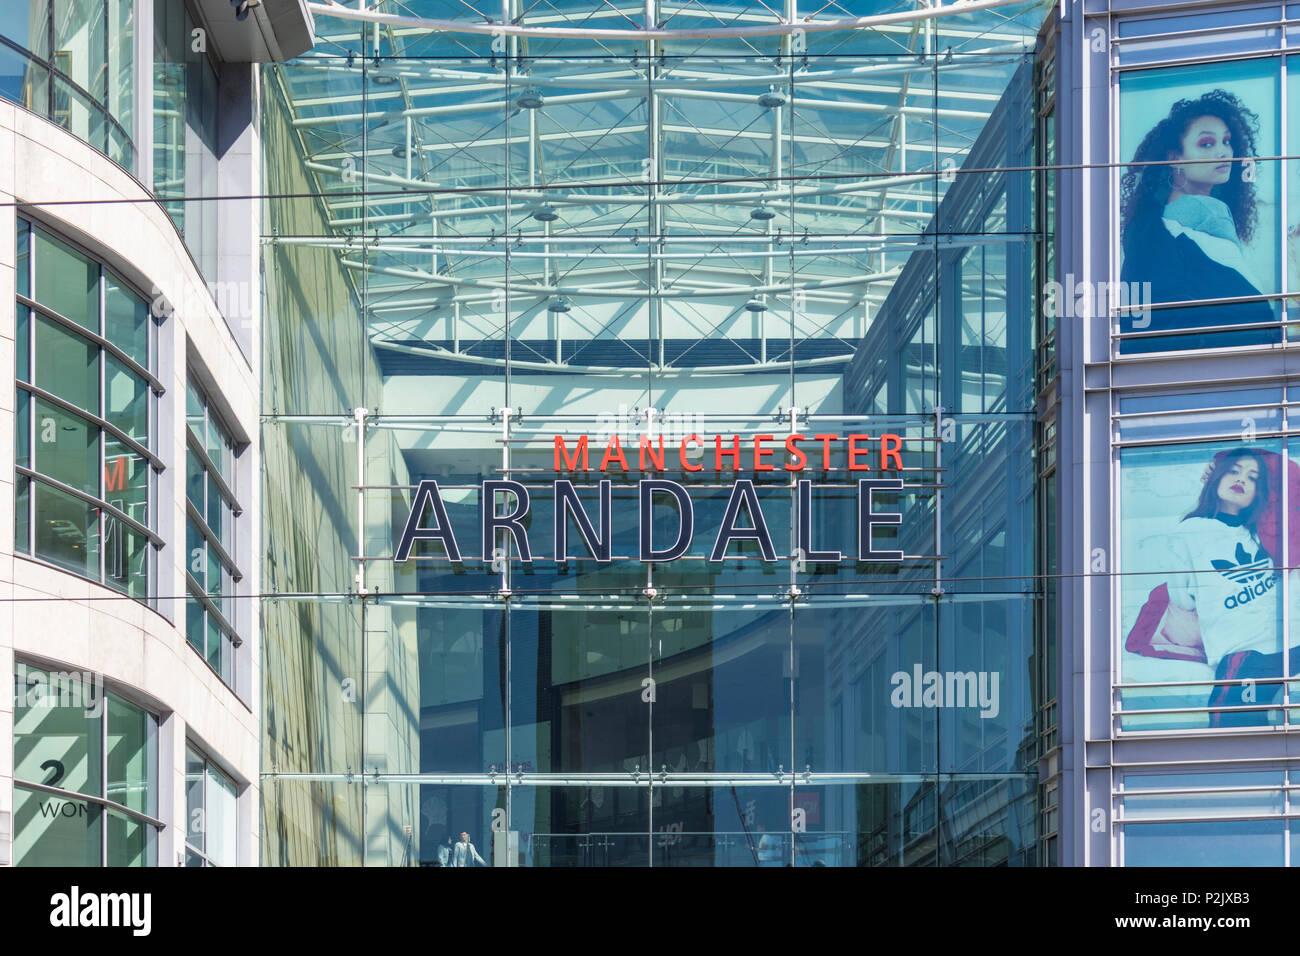 England Manchester England greater Manchester Arndale centre facade City centre city center manchester uk england gb uk europe - Stock Image